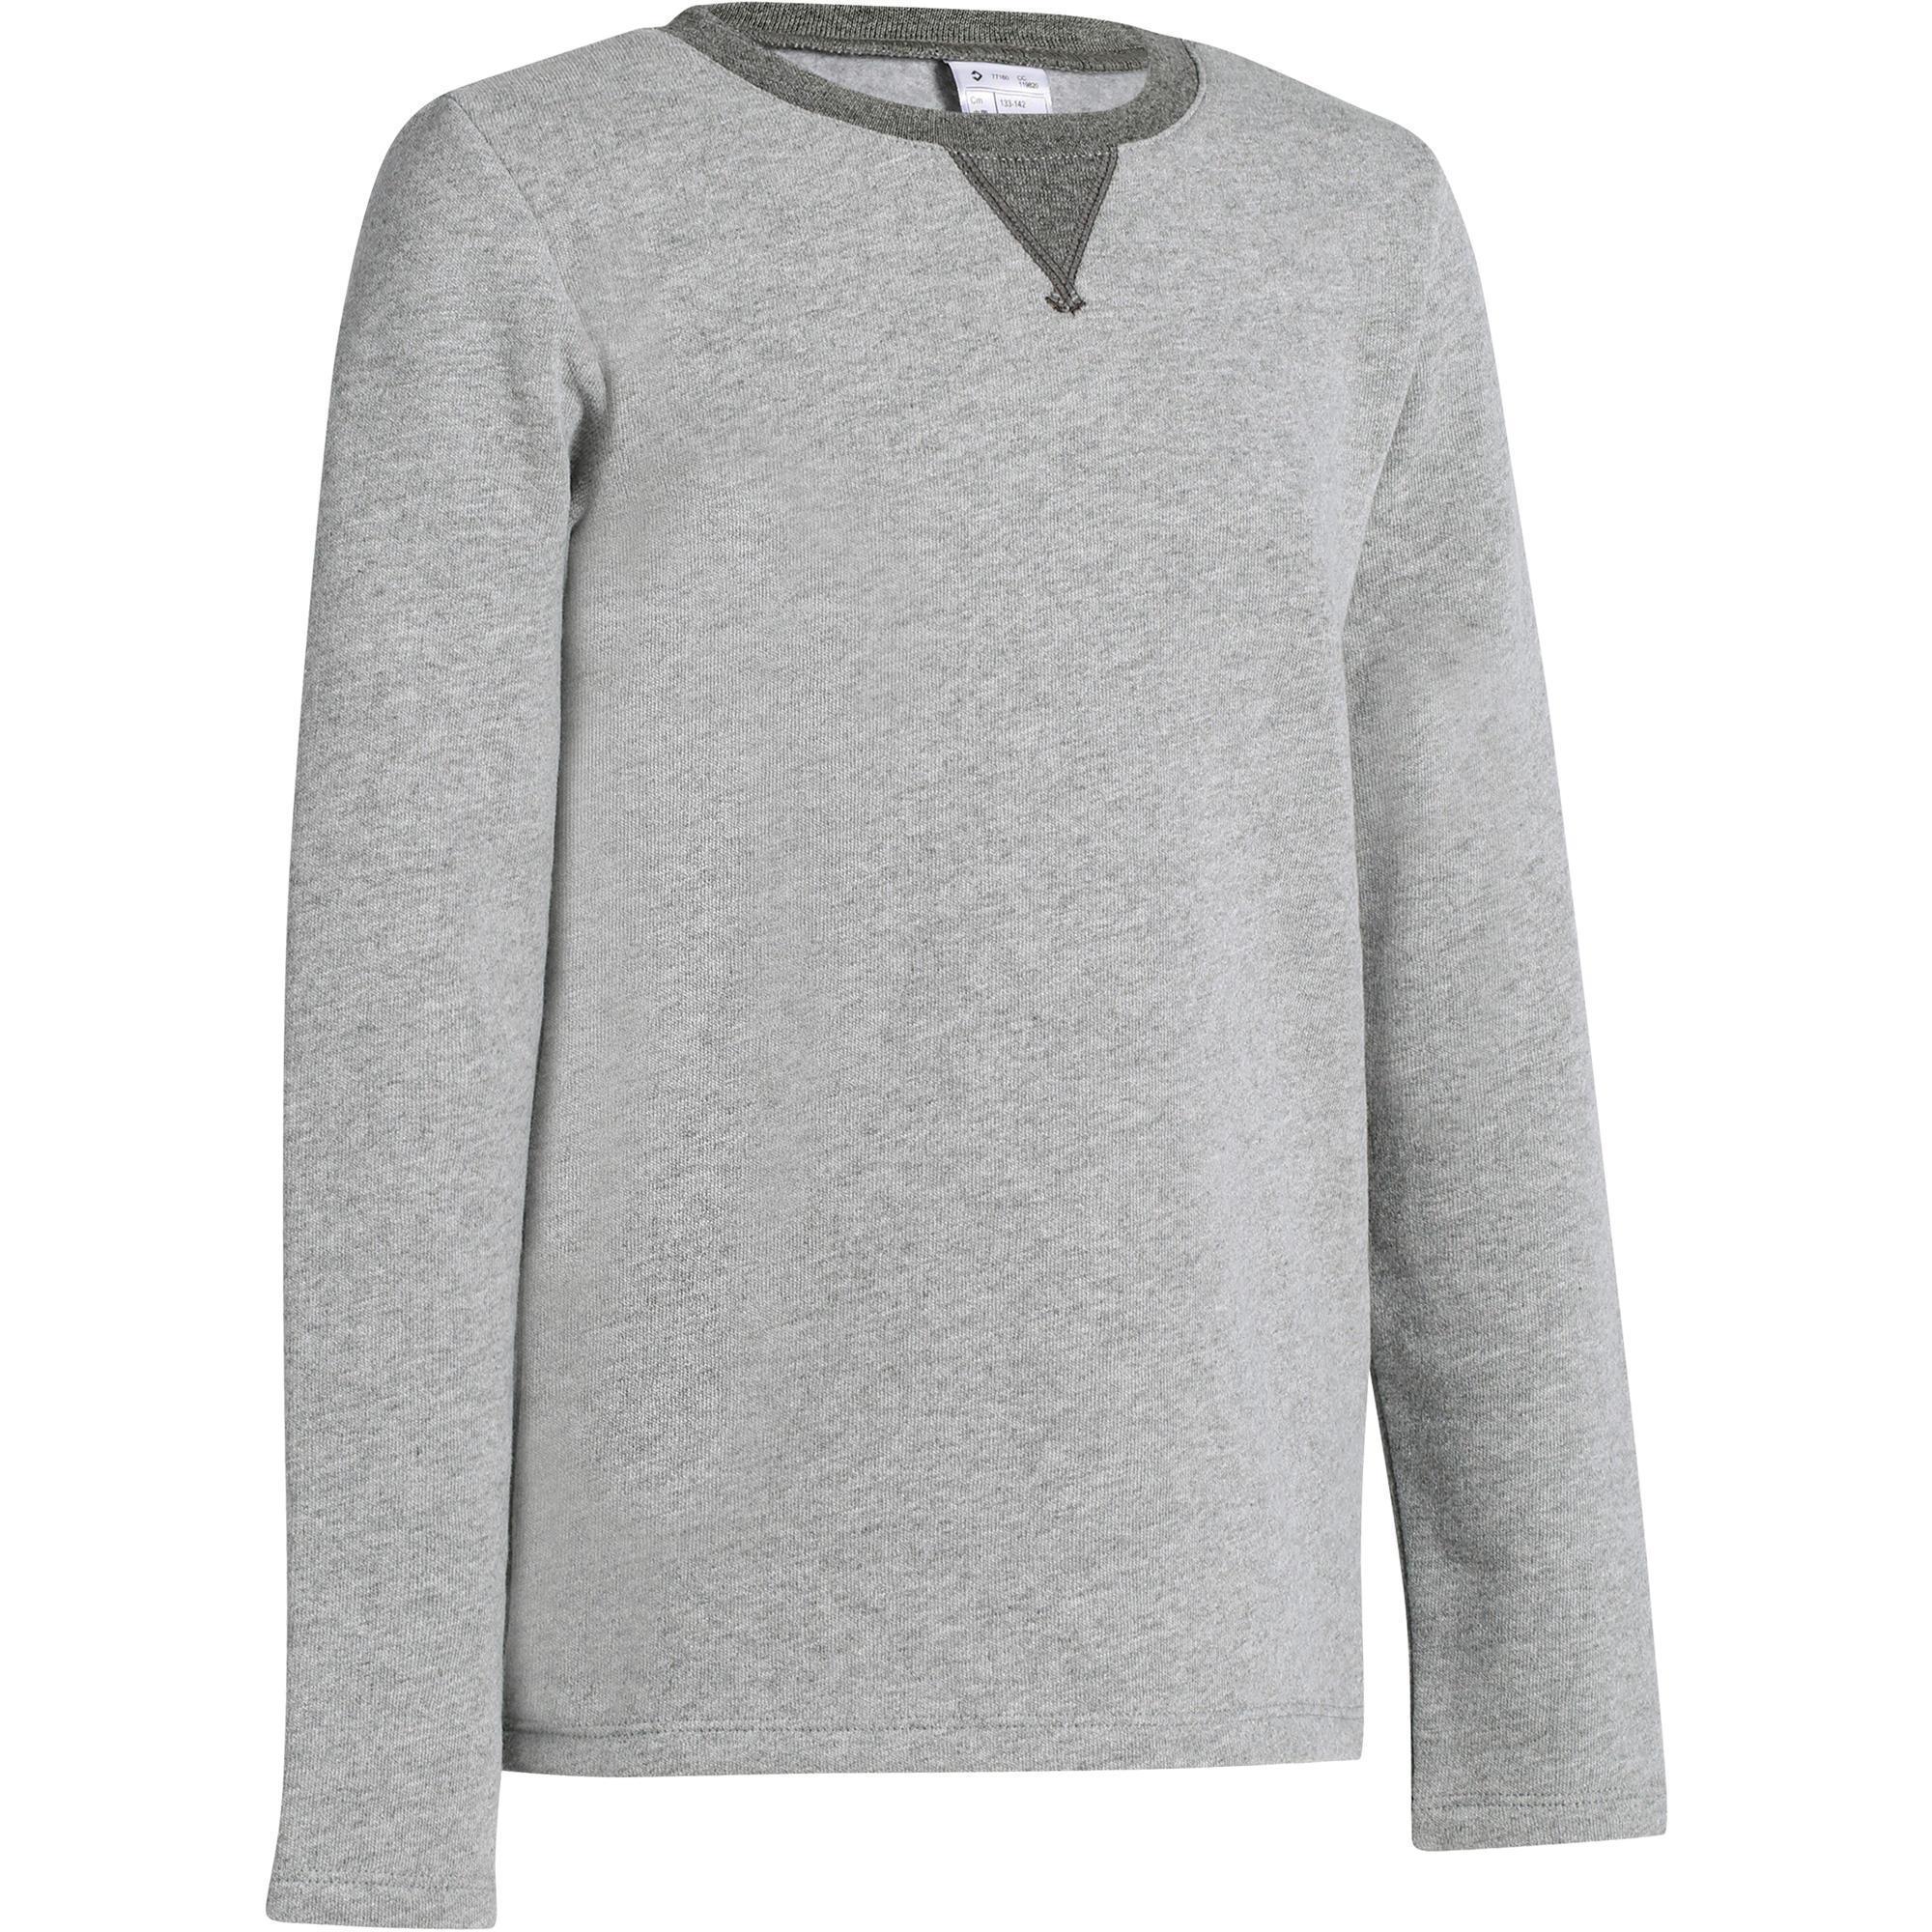 Sweatshirt 100 Gym Kinder hellgrau